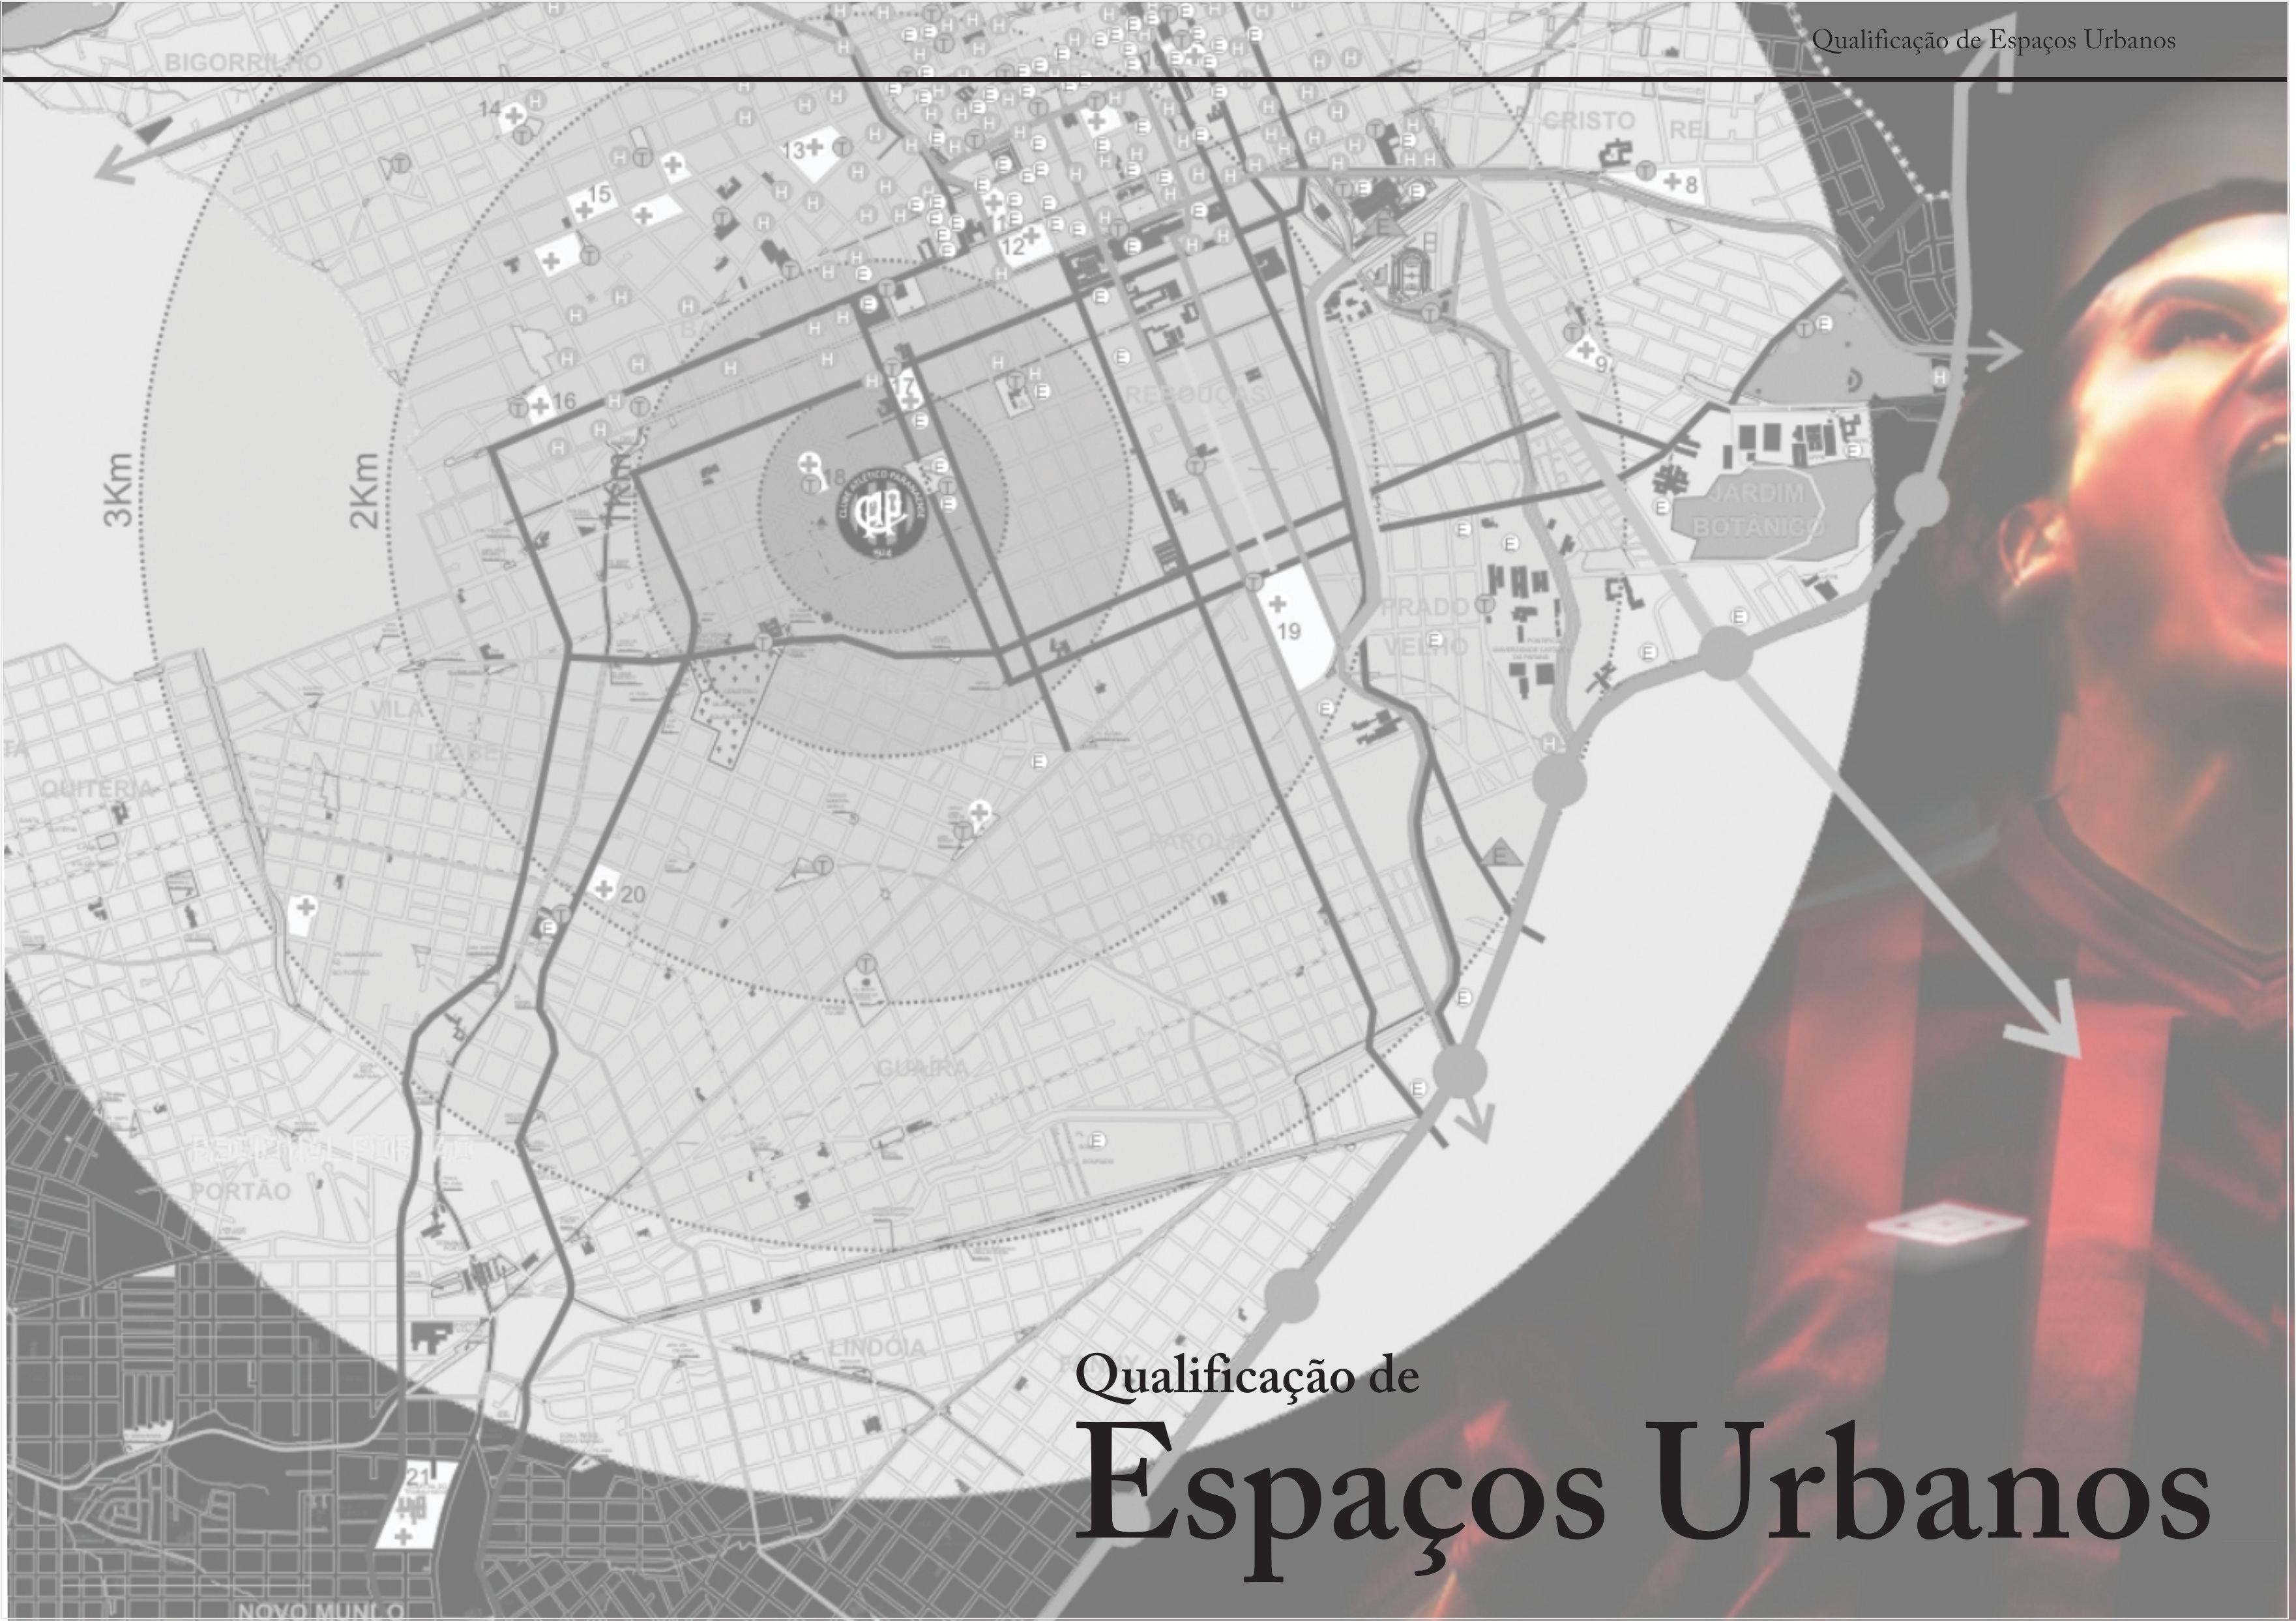 Qualificação de espaços urbanos